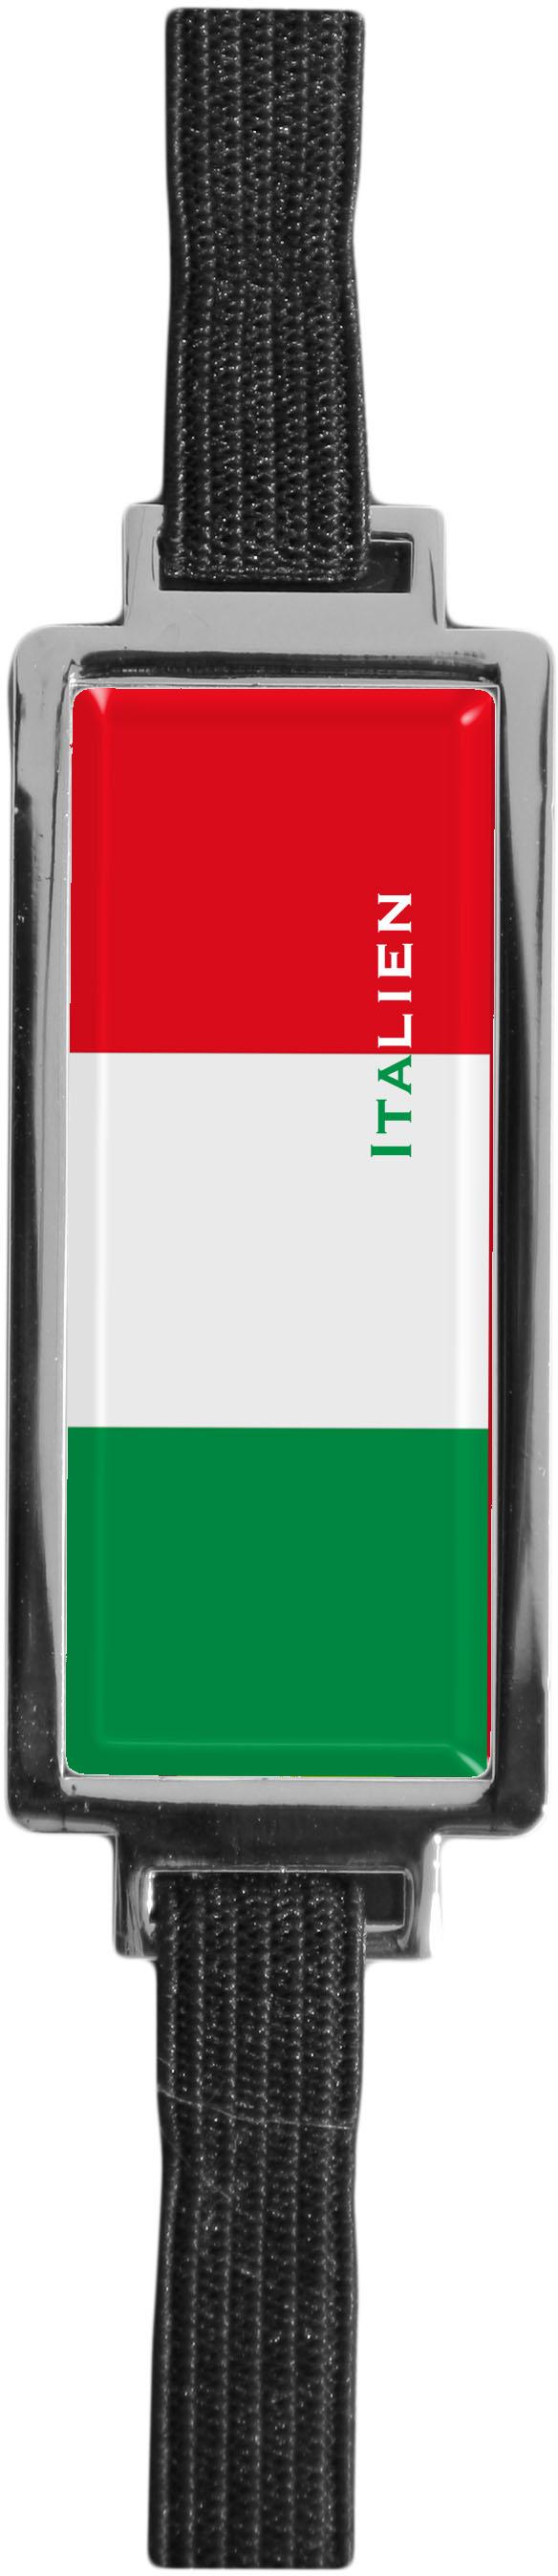 """Metall - Lesezeichen  """"Italien"""""""